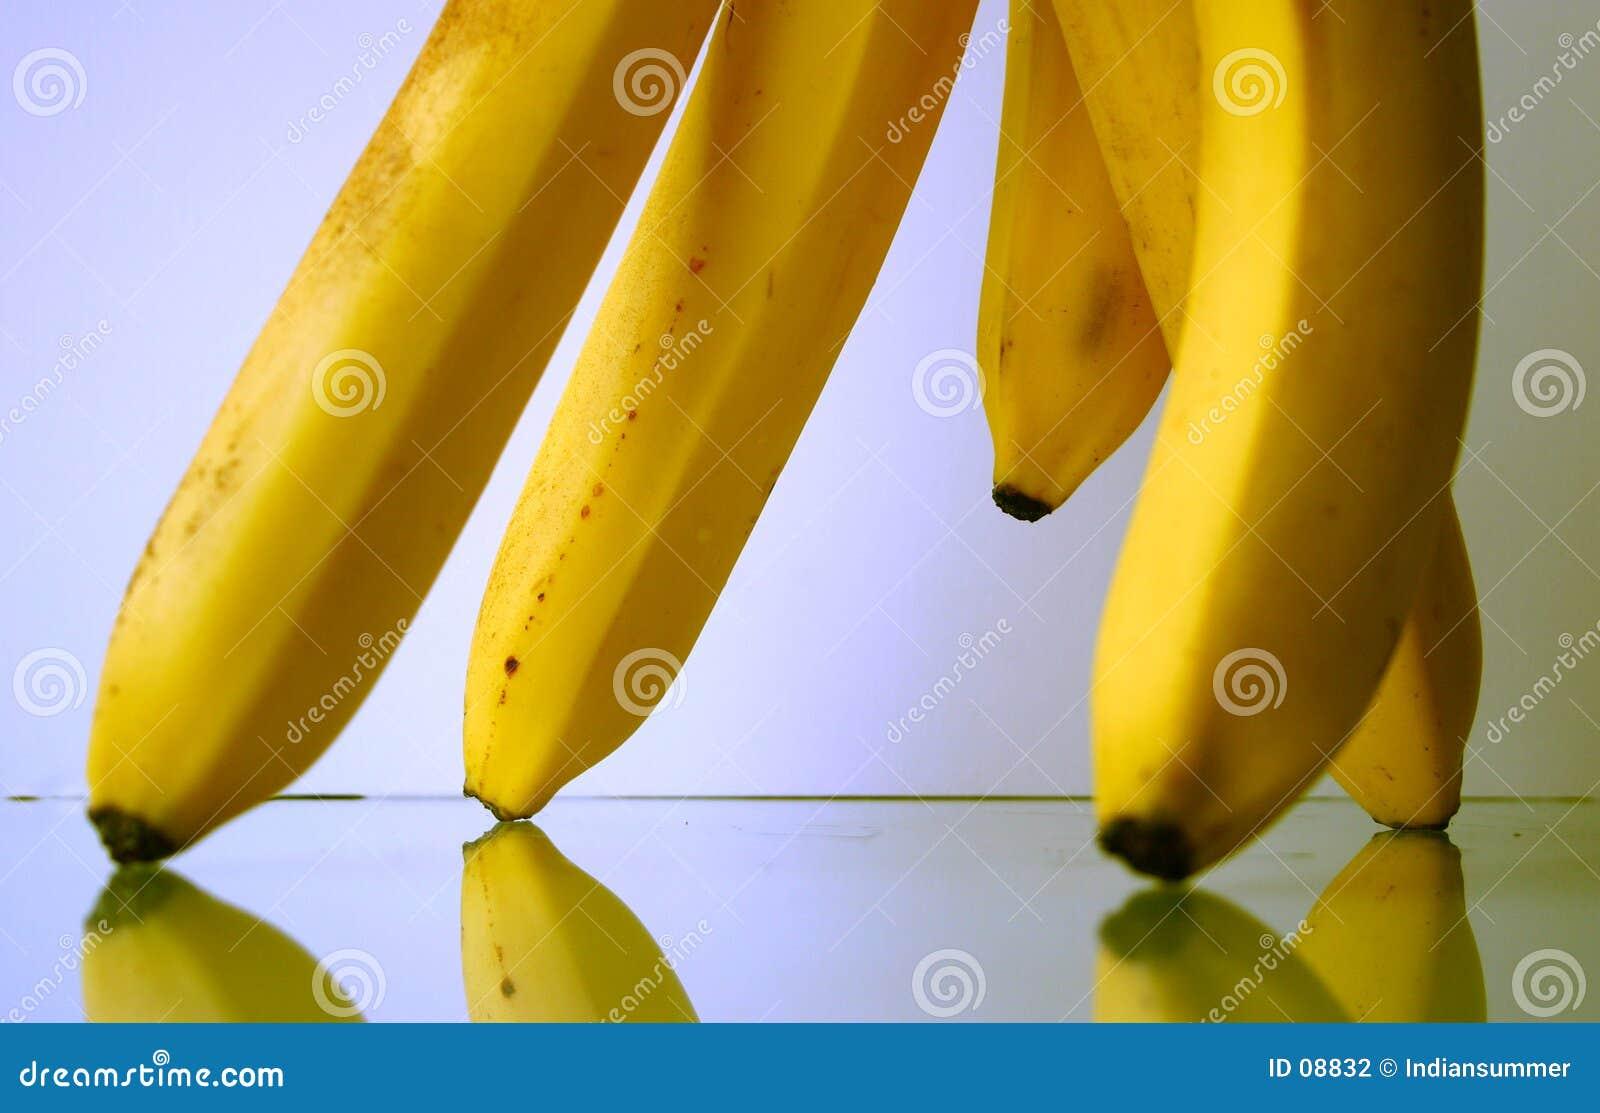 Parada II das bananas